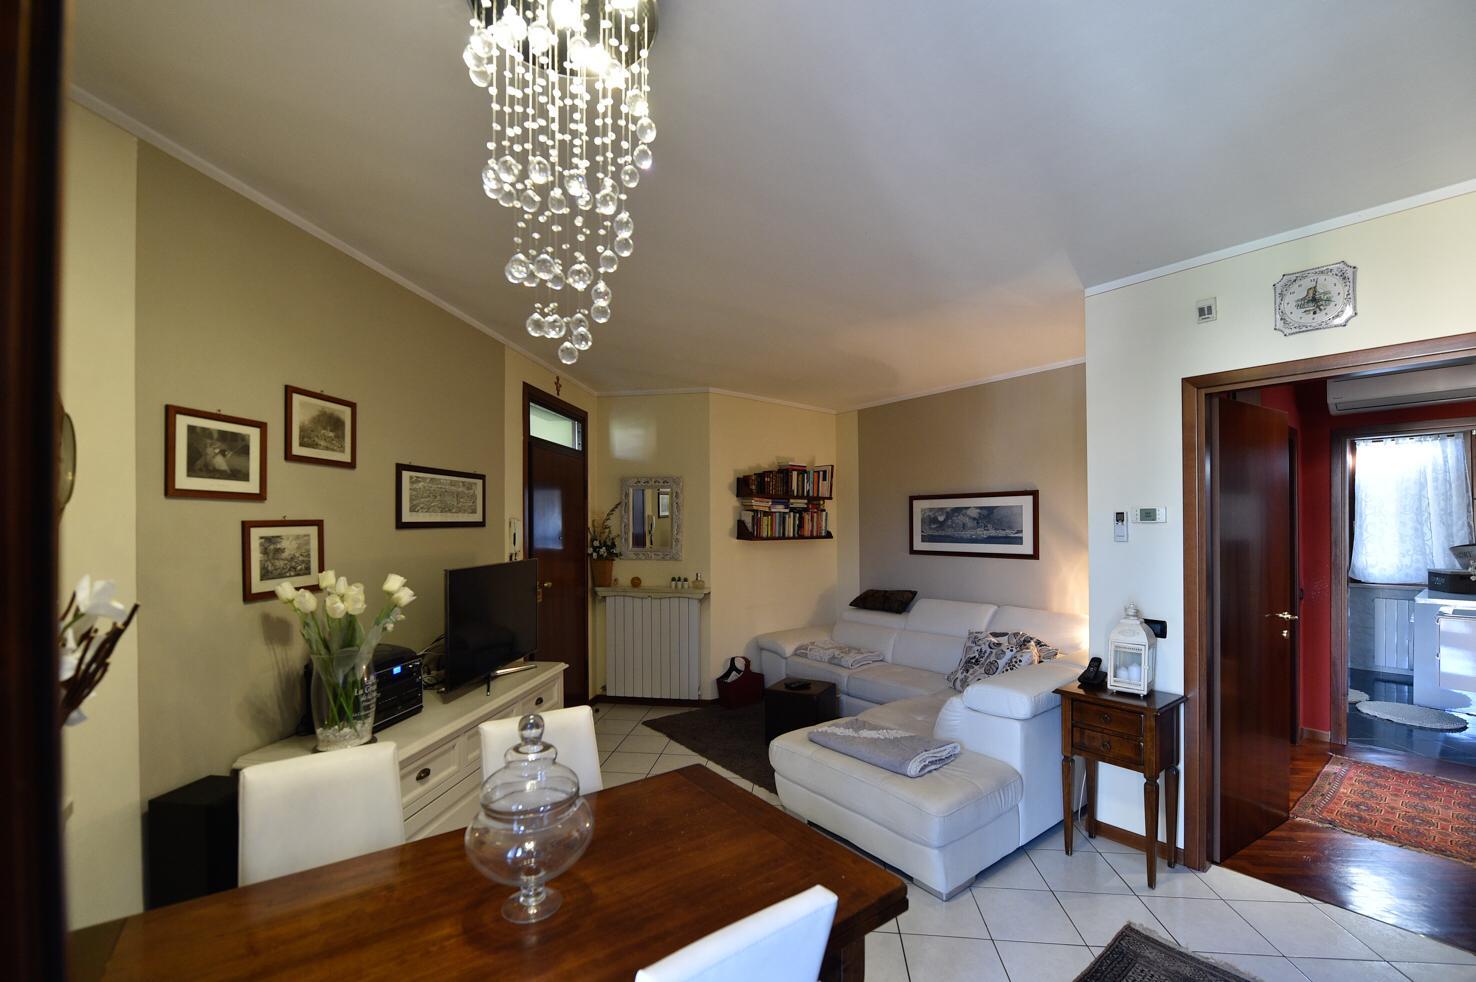 Appartamento da ristrutturare post_categories_options/property_options.data.interior_decoration.data.20 in vendita Rif. 11533726